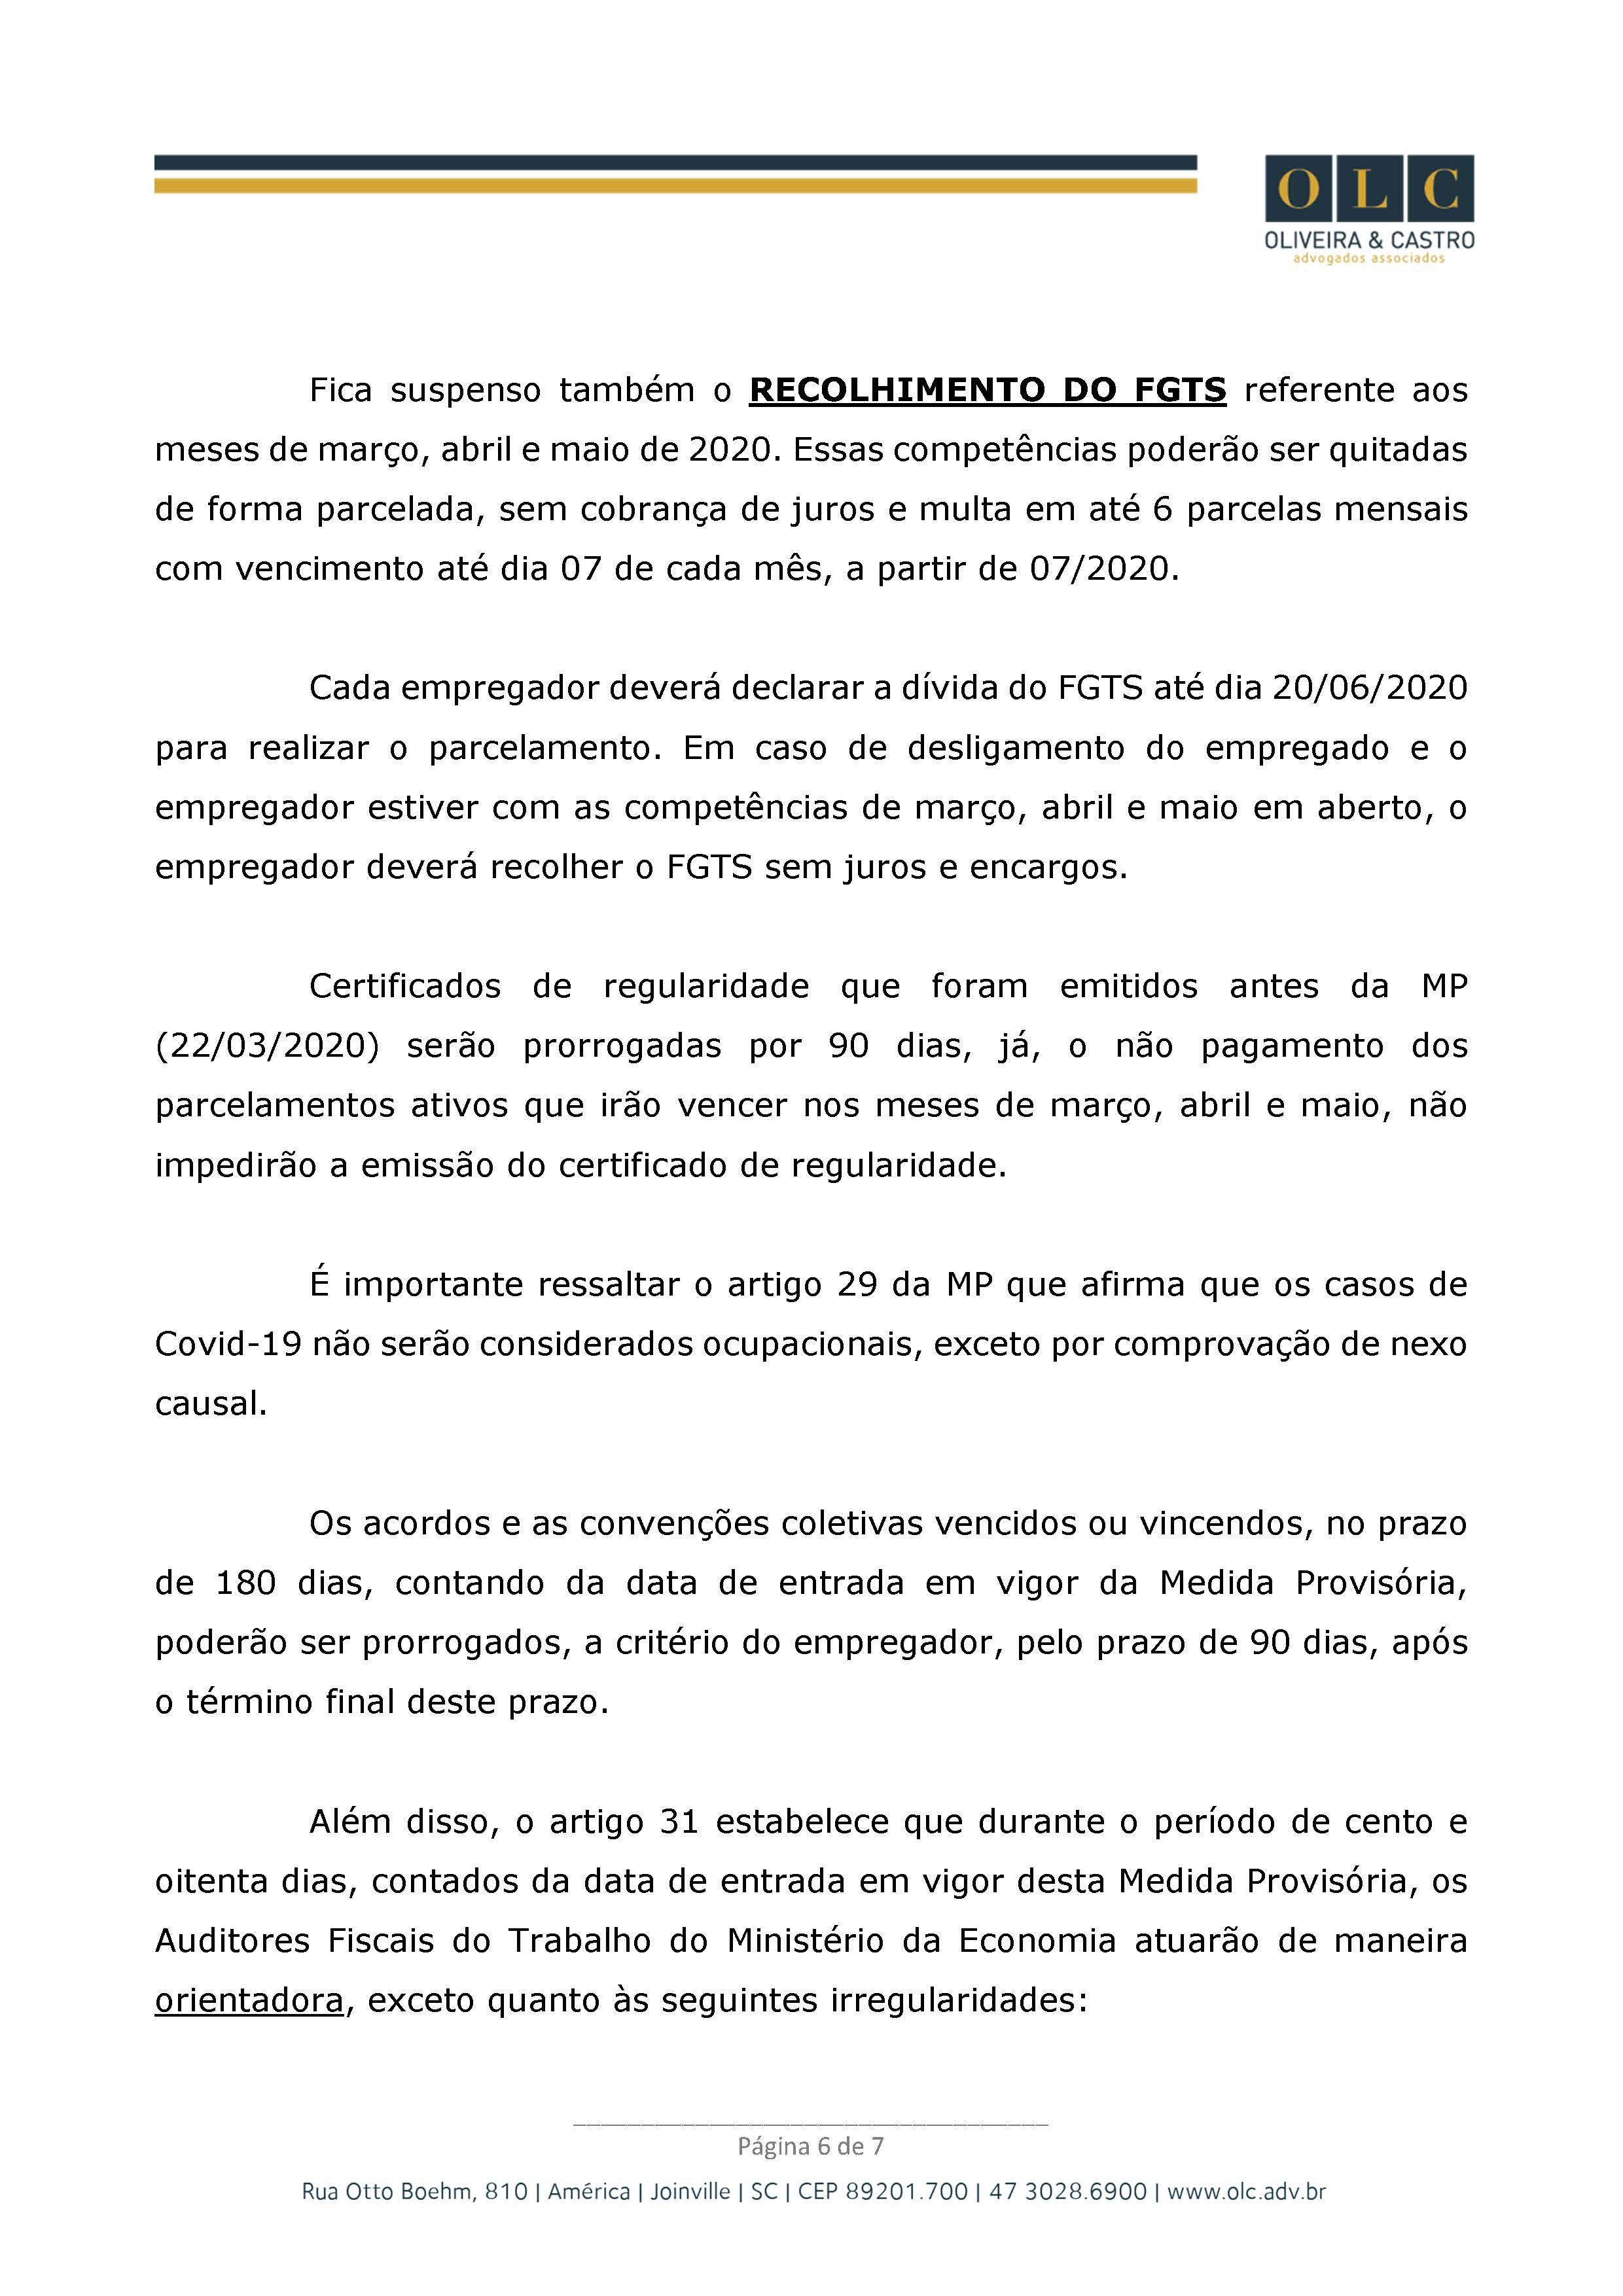 Carta Explicativa - Oliveira e Castro Advogados (1)_Página_6